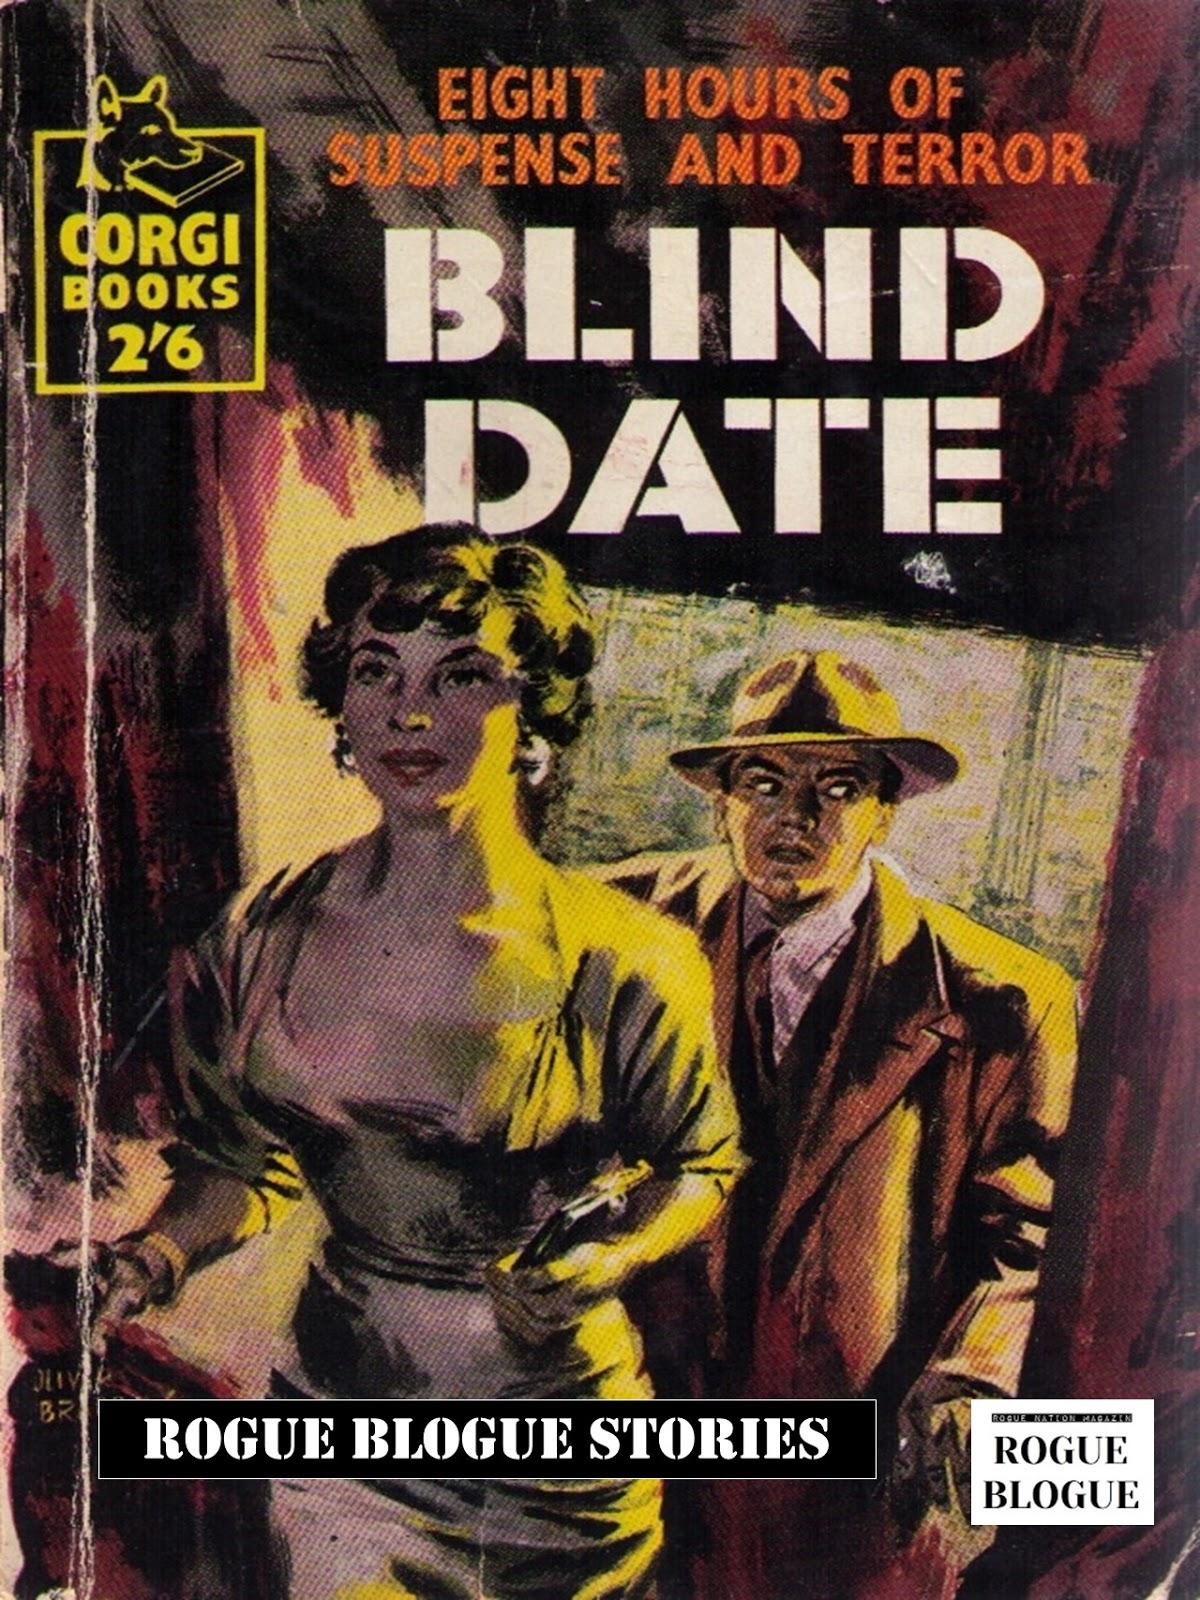 Rogue Blogue Rogue Blogue Stories Blind Date